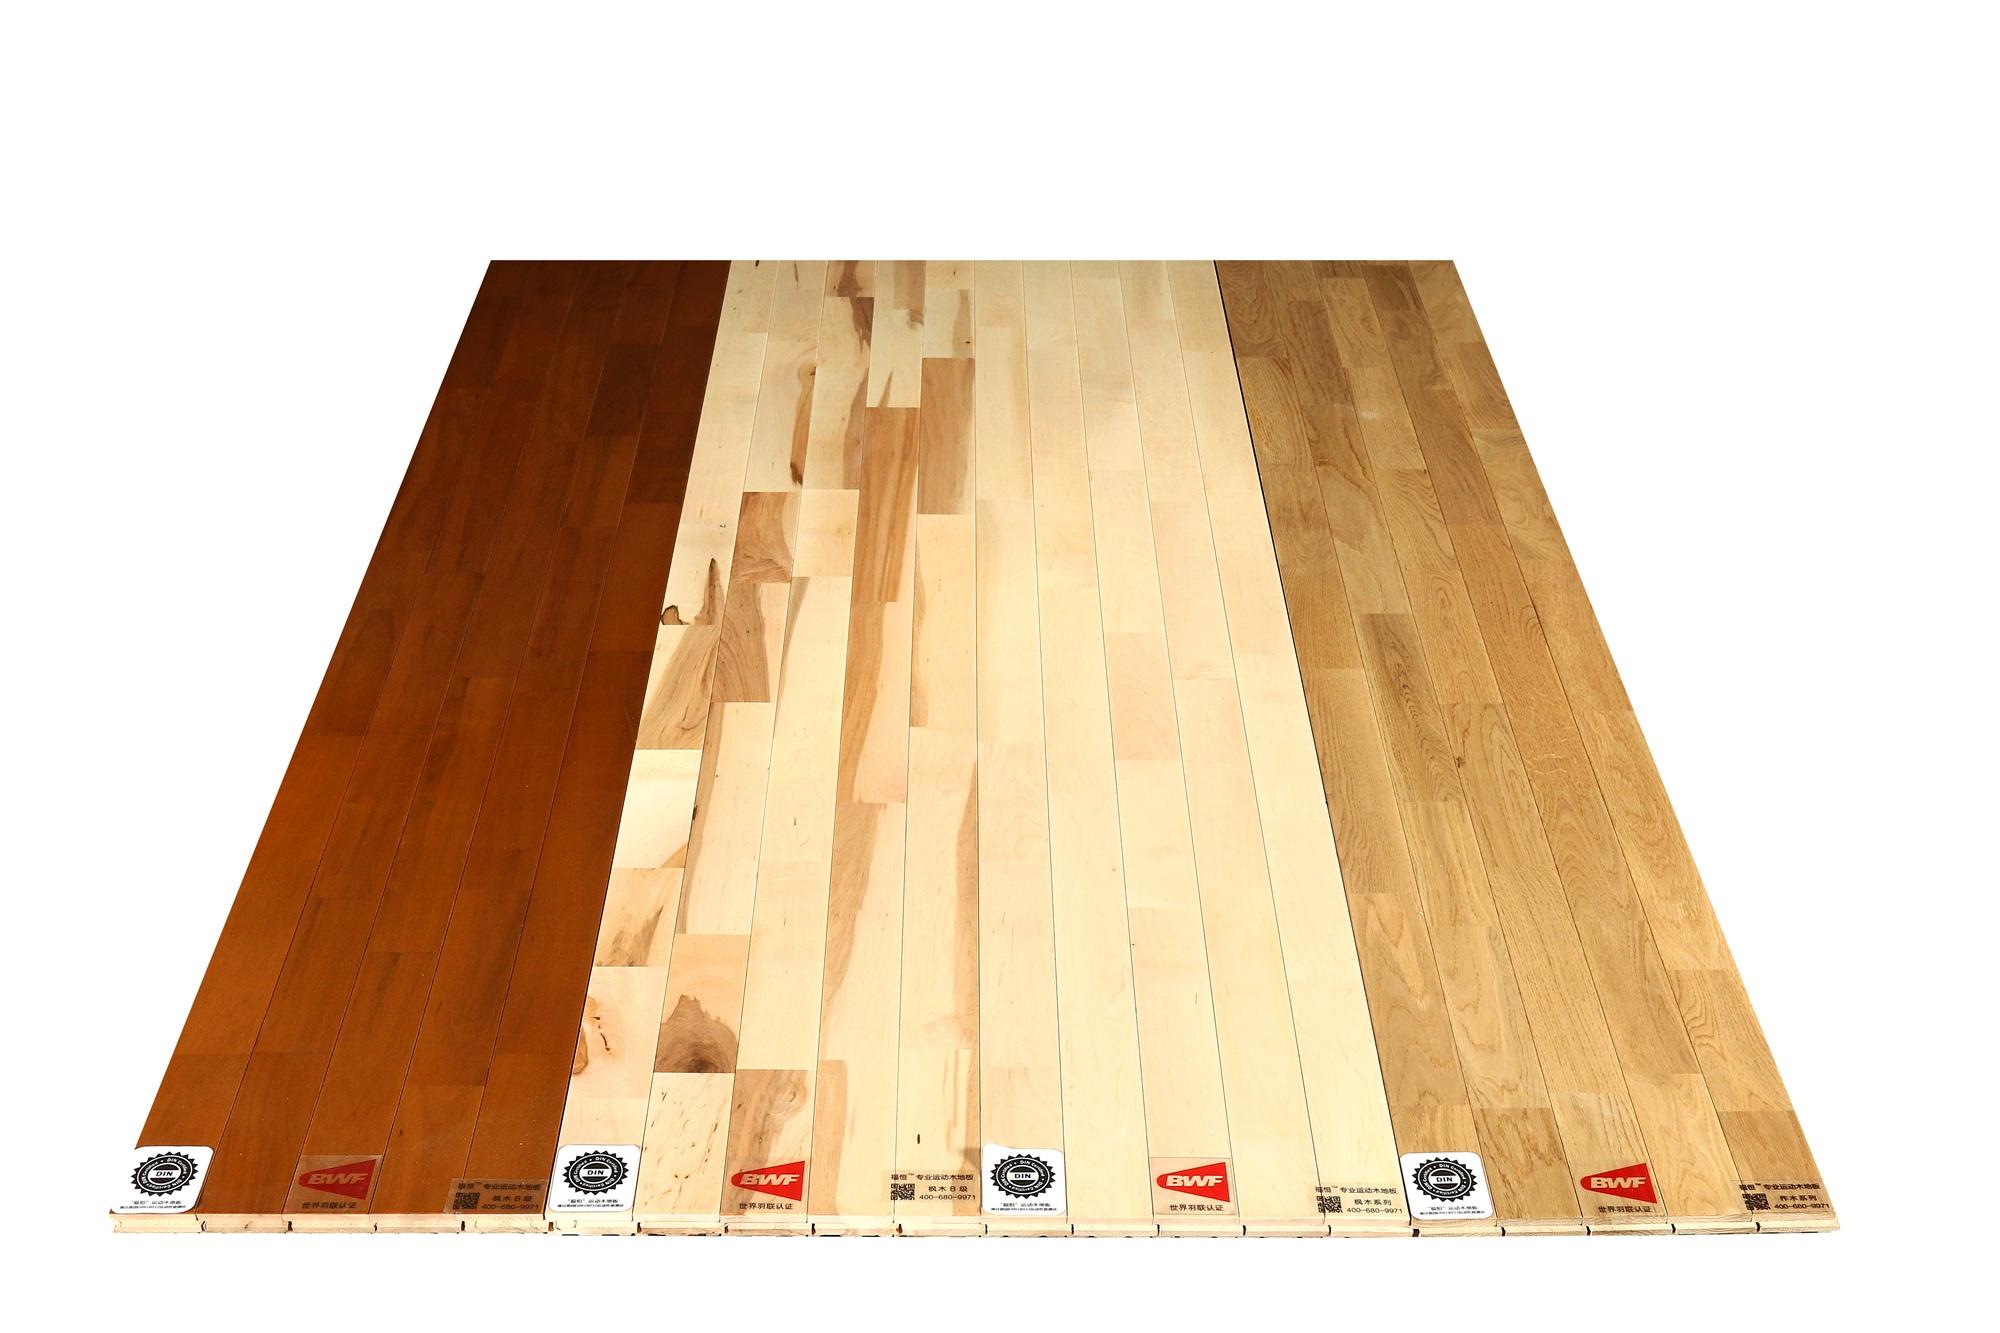 运动木地板为什么有些色差